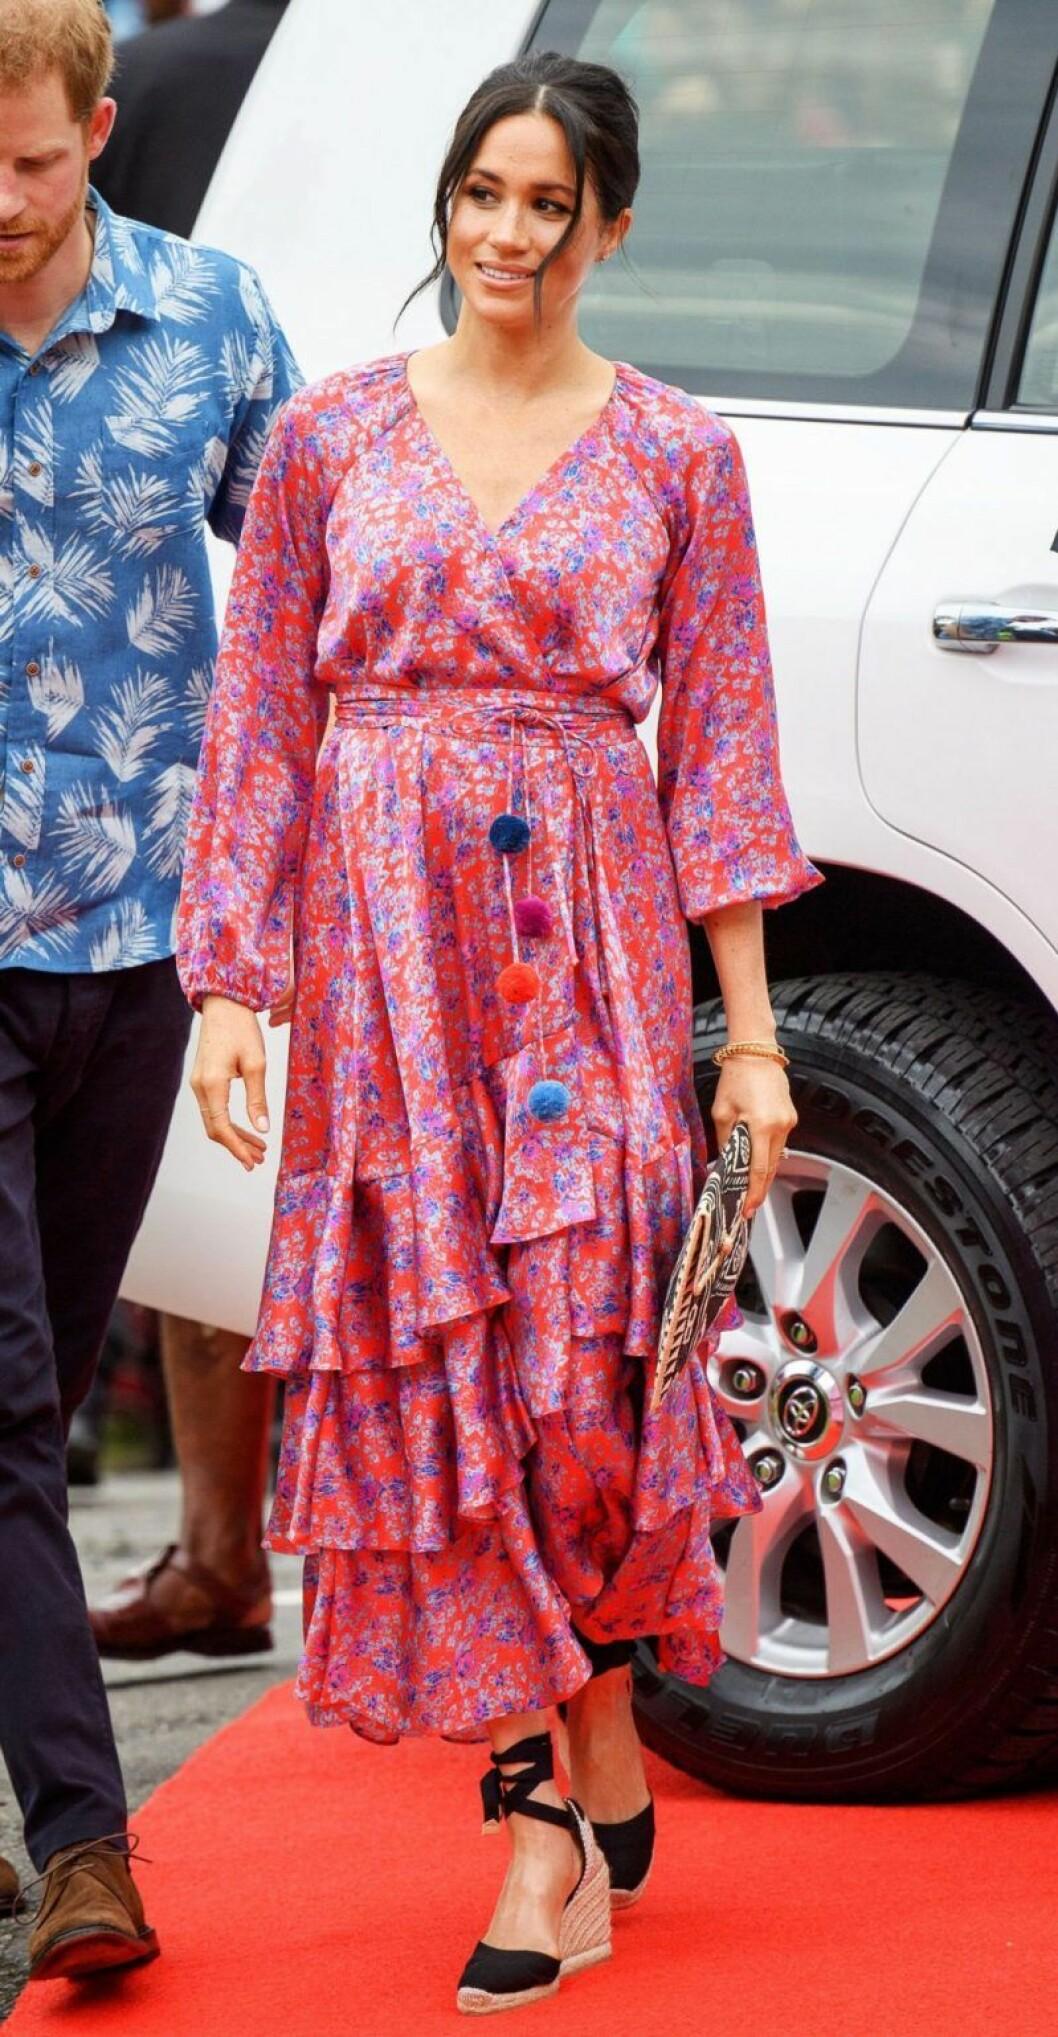 Meghan Markle i blommönstrad klänning